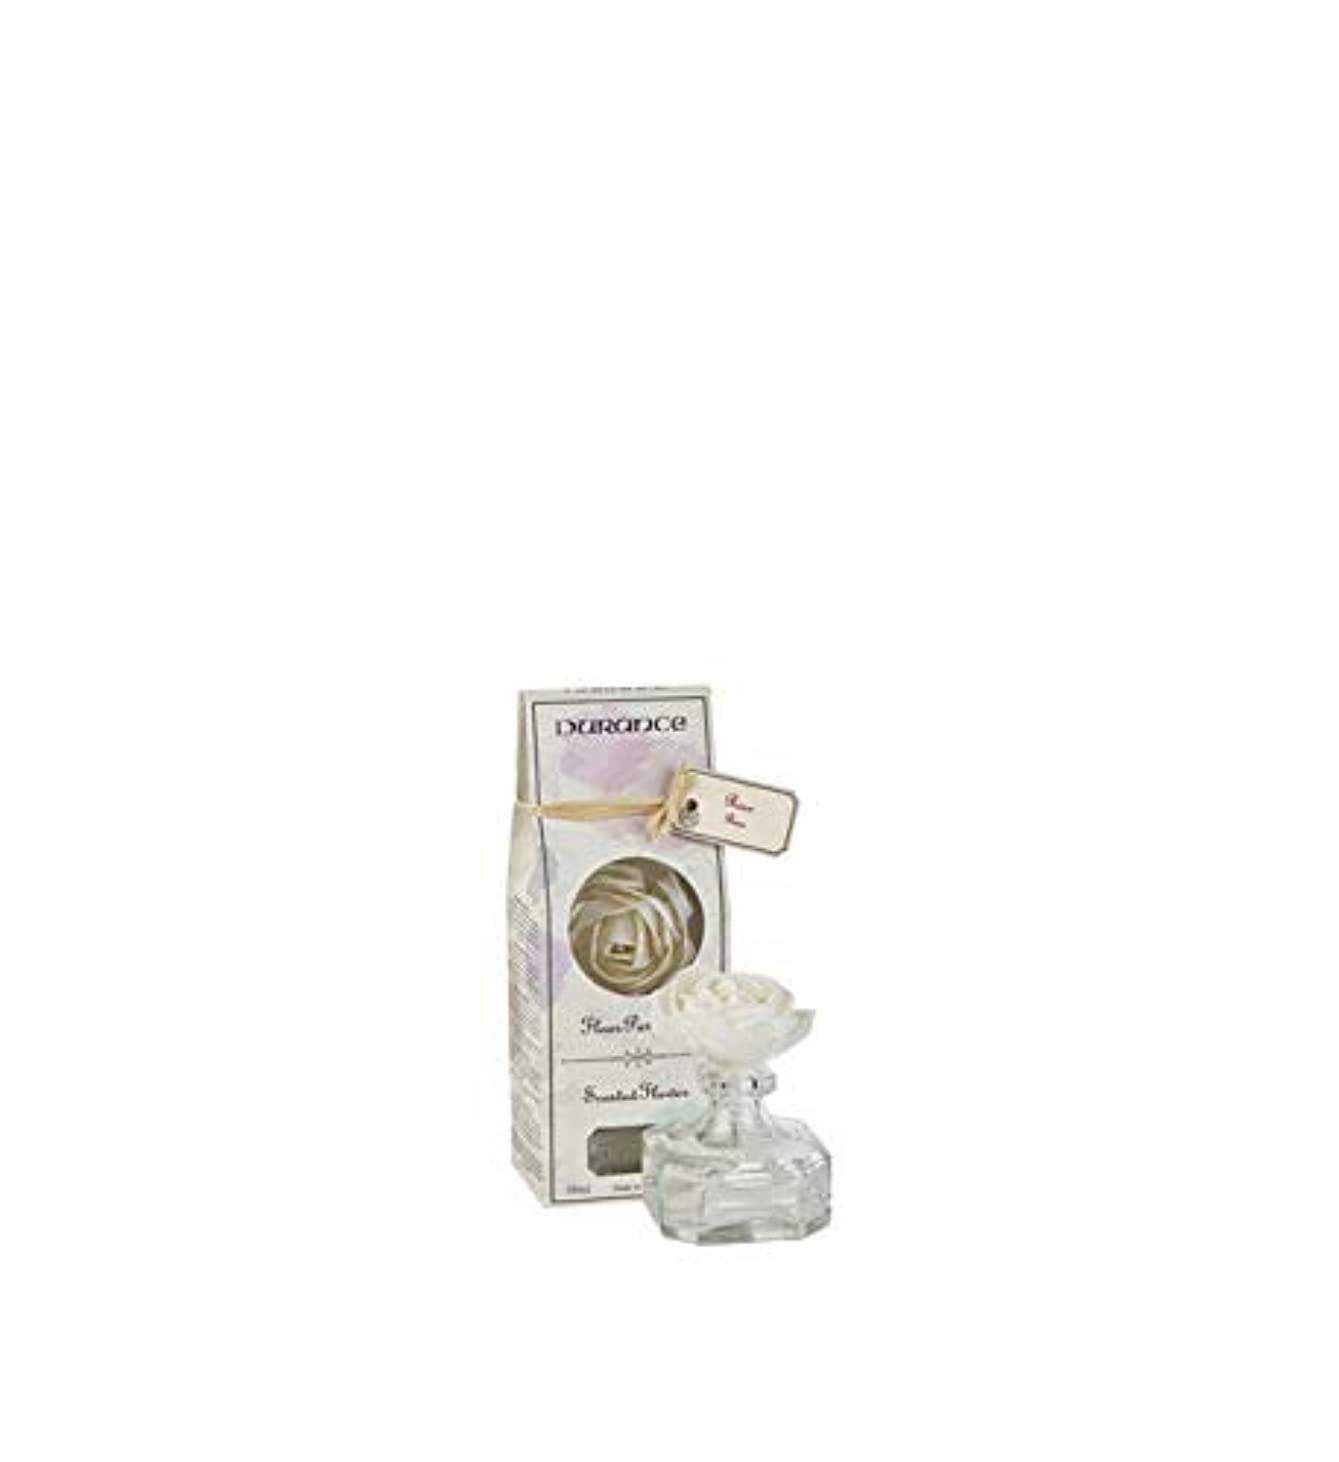 に対応スカートデンマークDURANCEデュランス ローズフラワーブーケ100ml ローズの香り ルームフレグランス 芳香剤